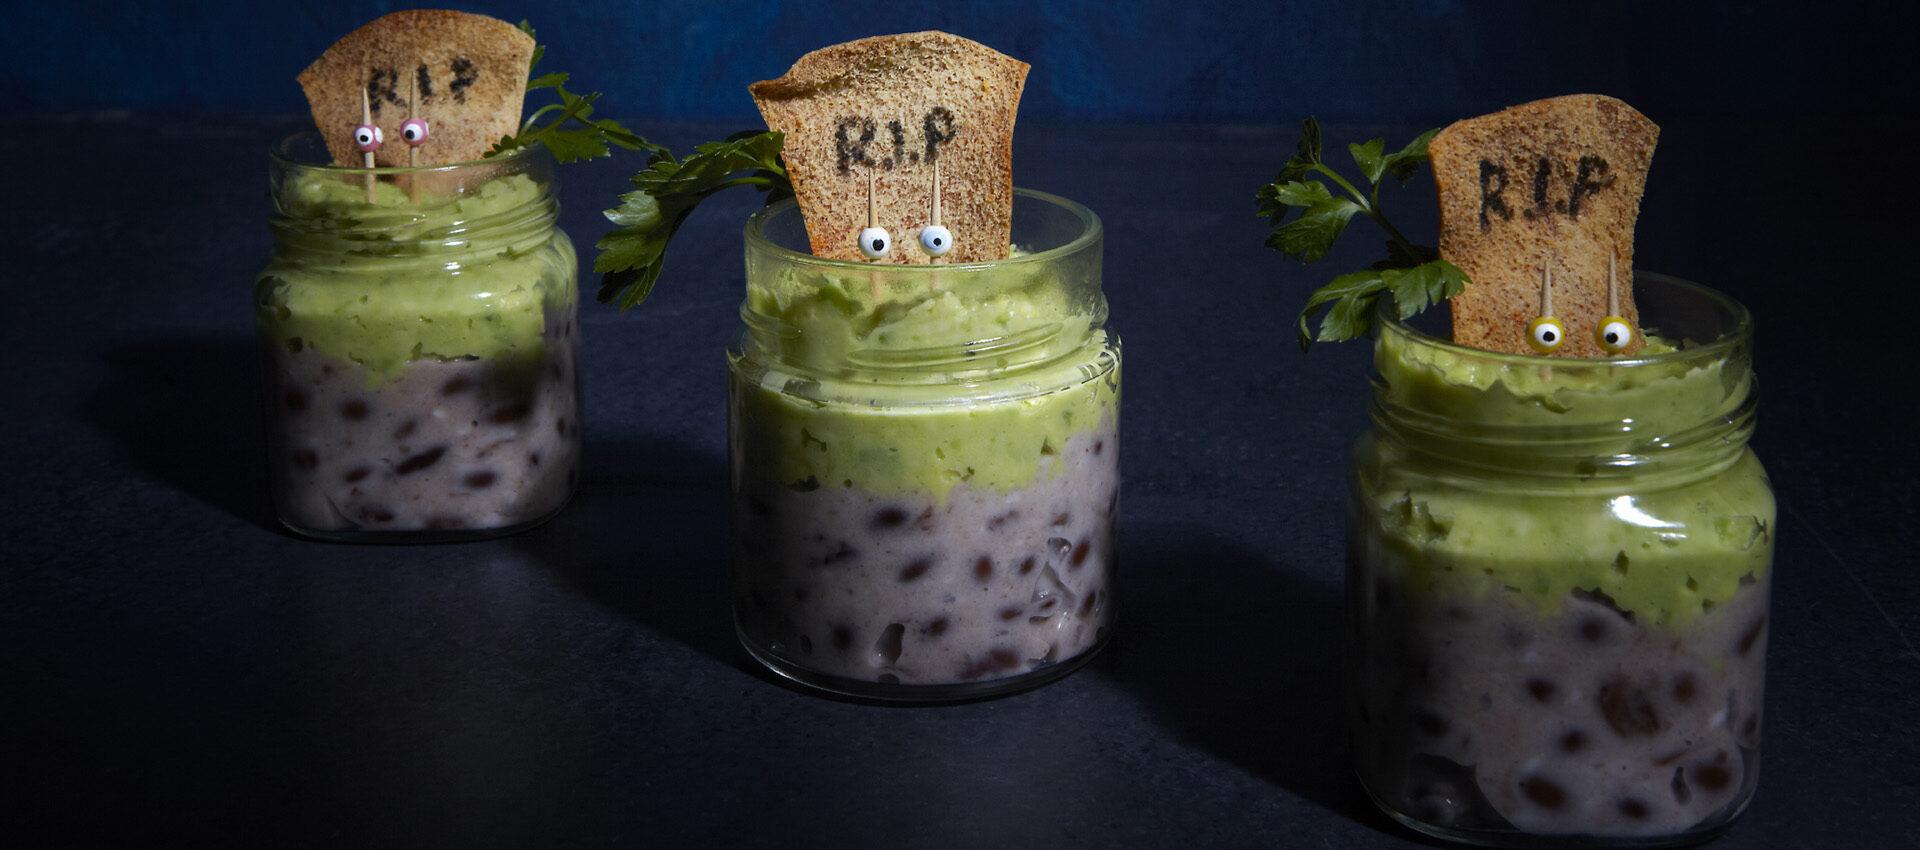 bean avocado graves